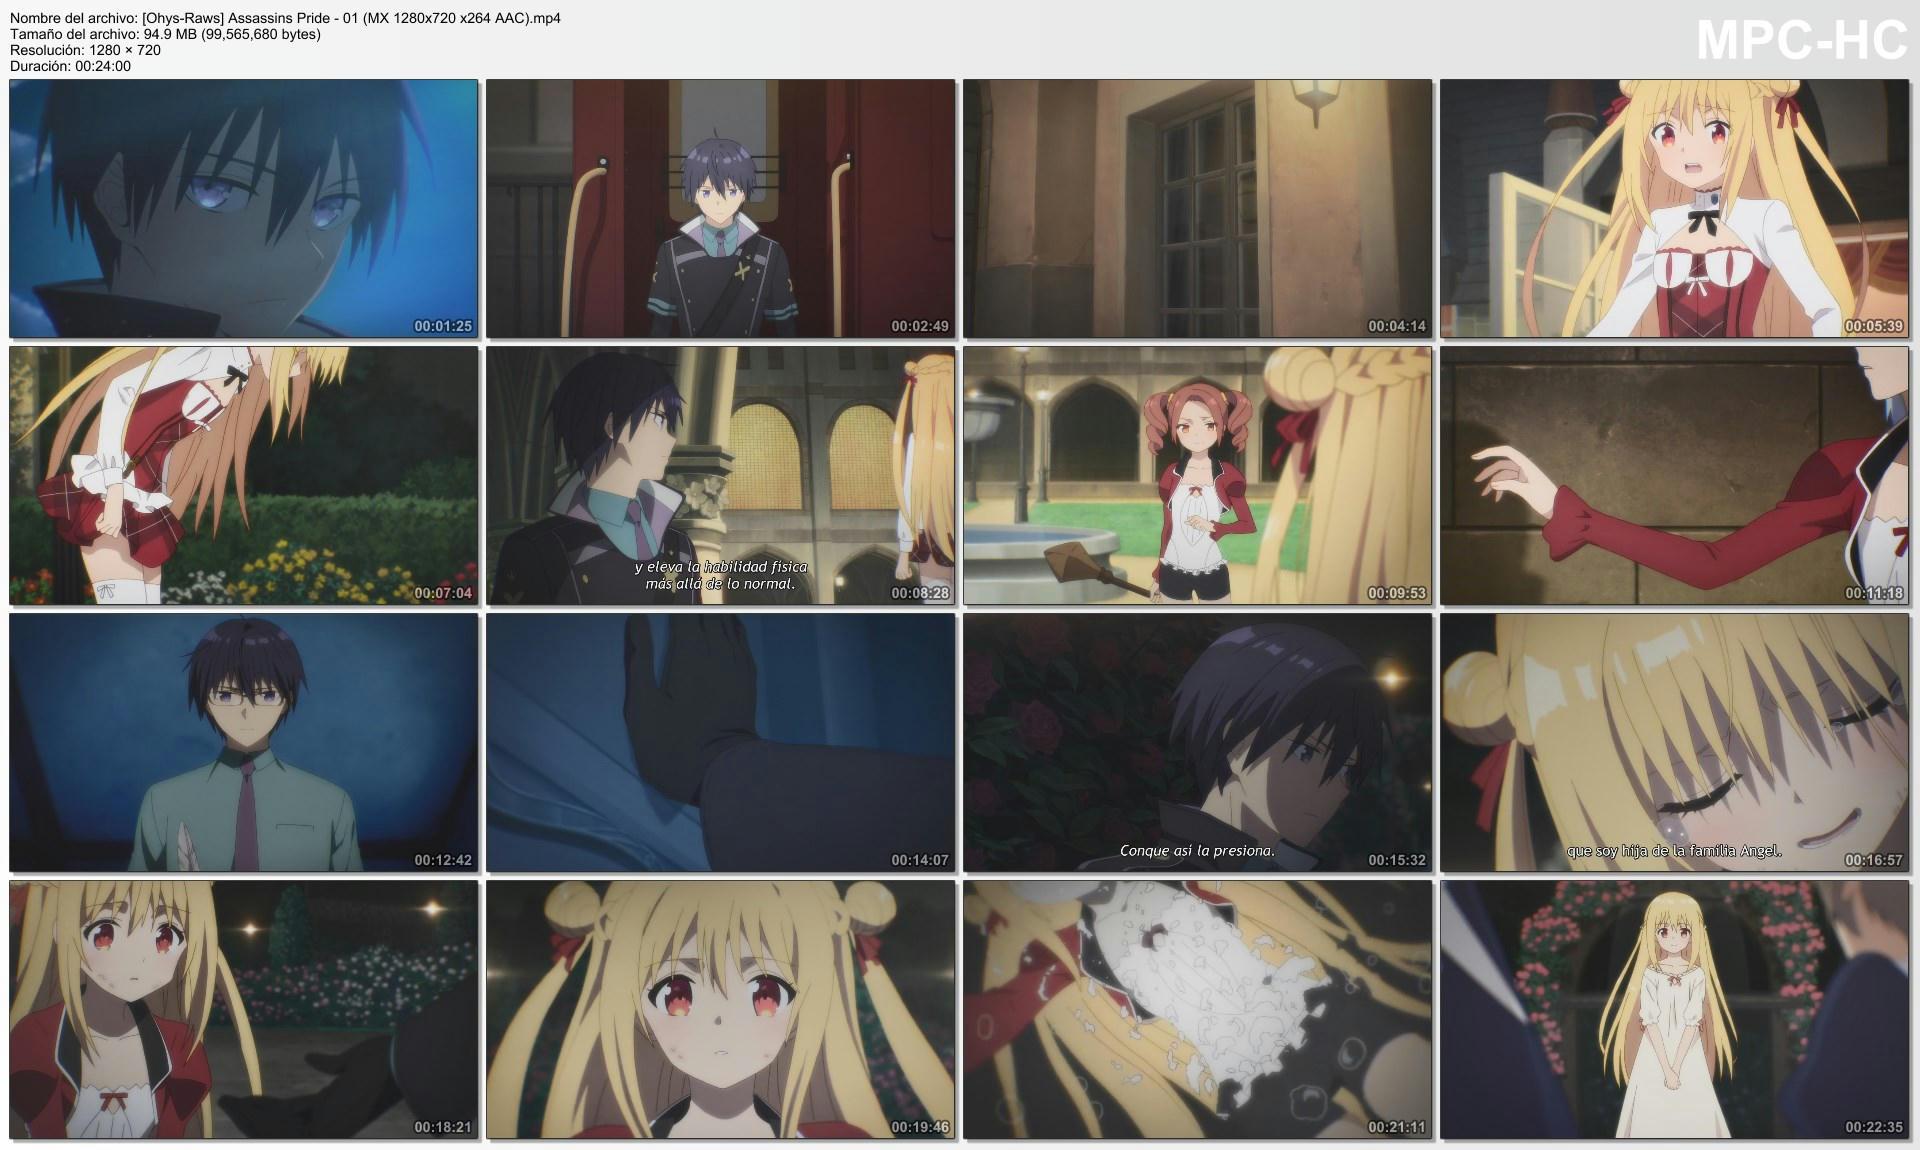 pyhp8mij8dfhjqvzg - Assassins Pride [12/12] [Ligero] [MEGA] (Finalizado) - Anime Ligero [Descargas]